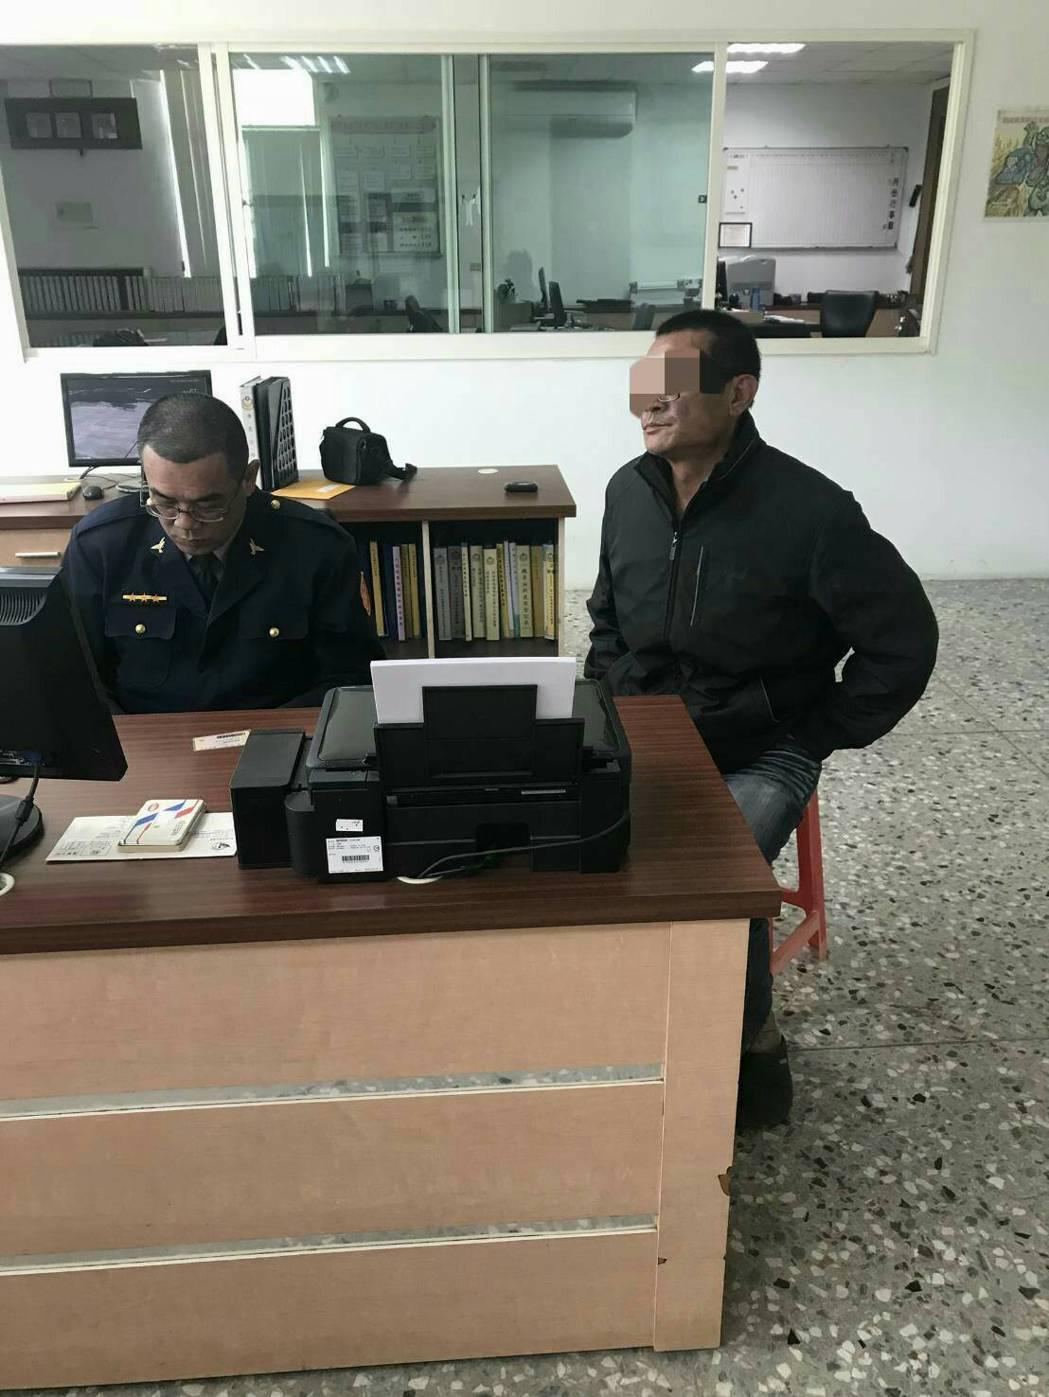 賴姓男子(右)涉嫌偷竊胡麻。記者吳政修/翻攝